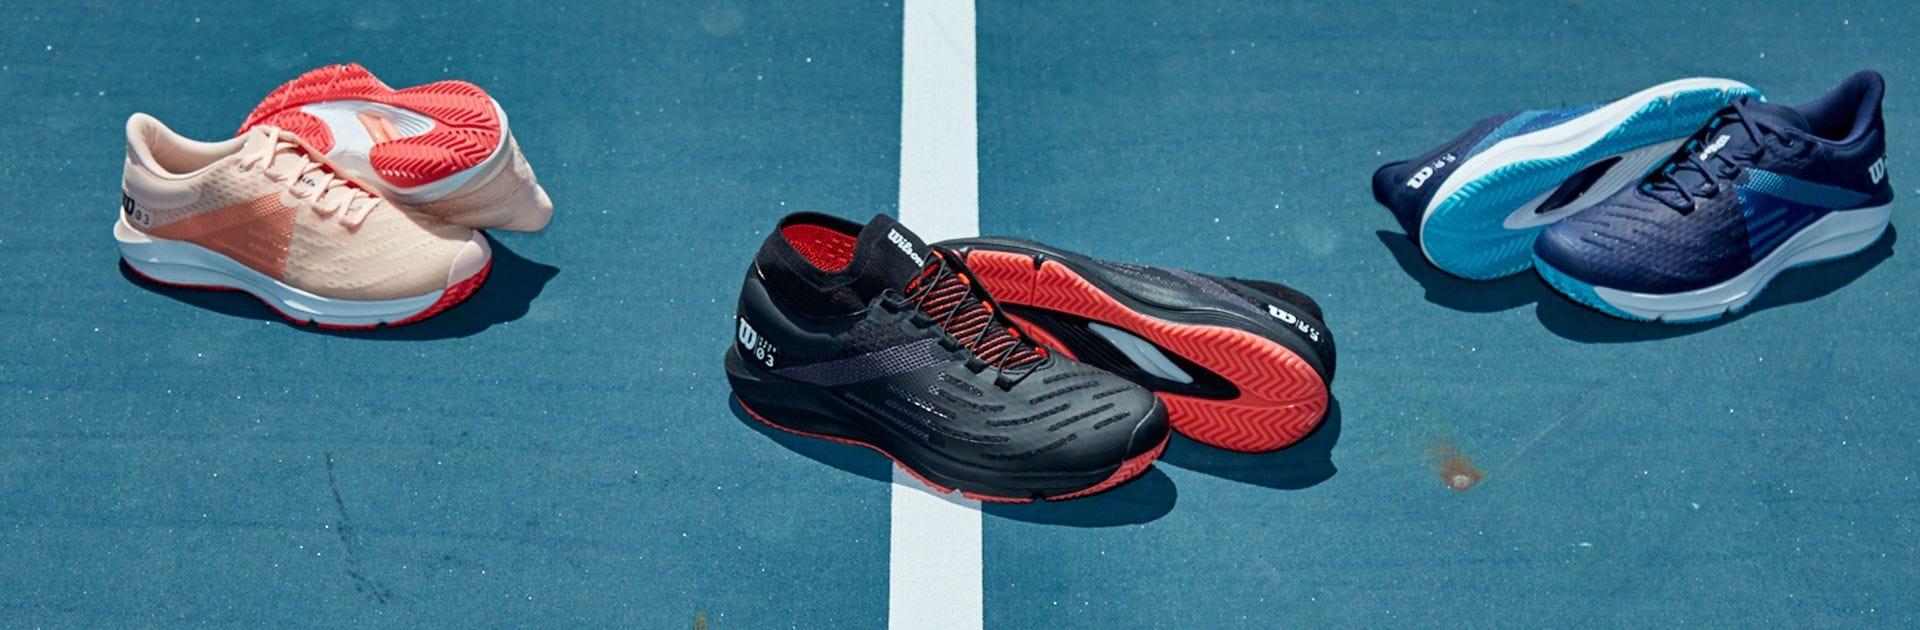 Kaos Shoes